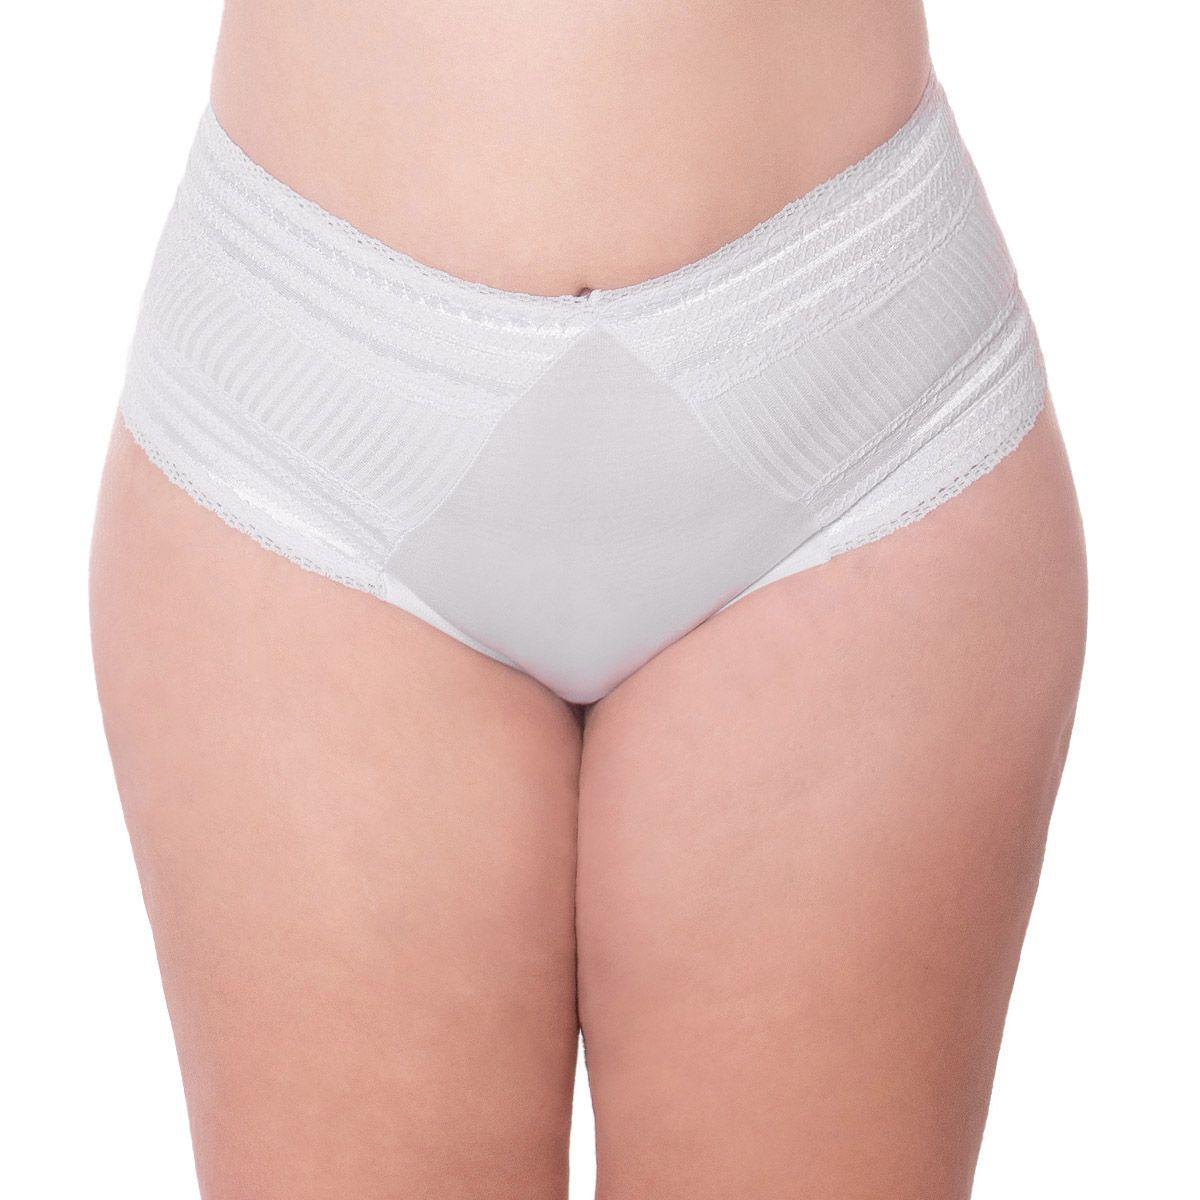 Calcinha de algodão modelo tanga cintura alta Linha Gloss Econfort